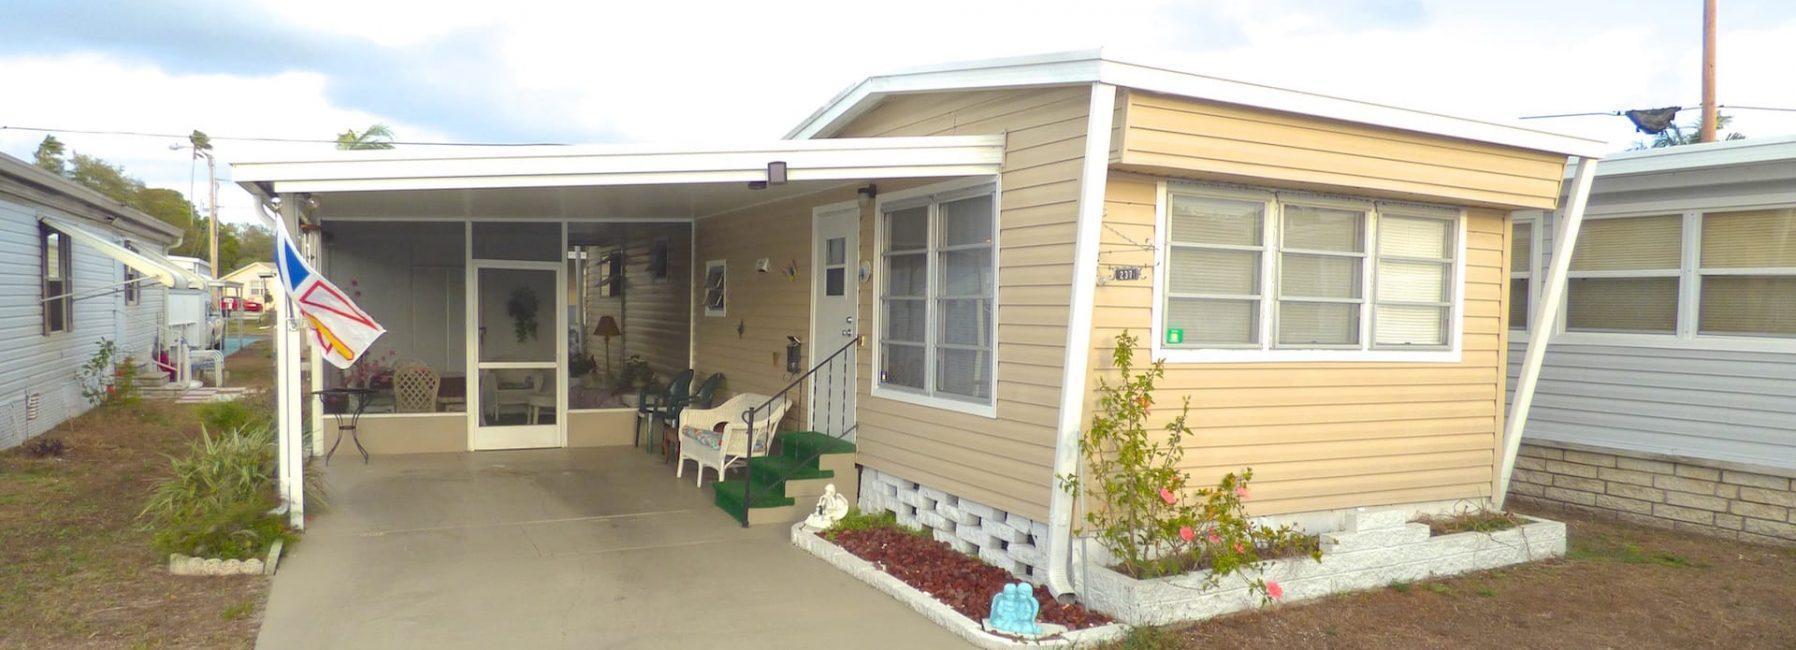 mobile homes for sale in florida sunset mobile home sales. Black Bedroom Furniture Sets. Home Design Ideas